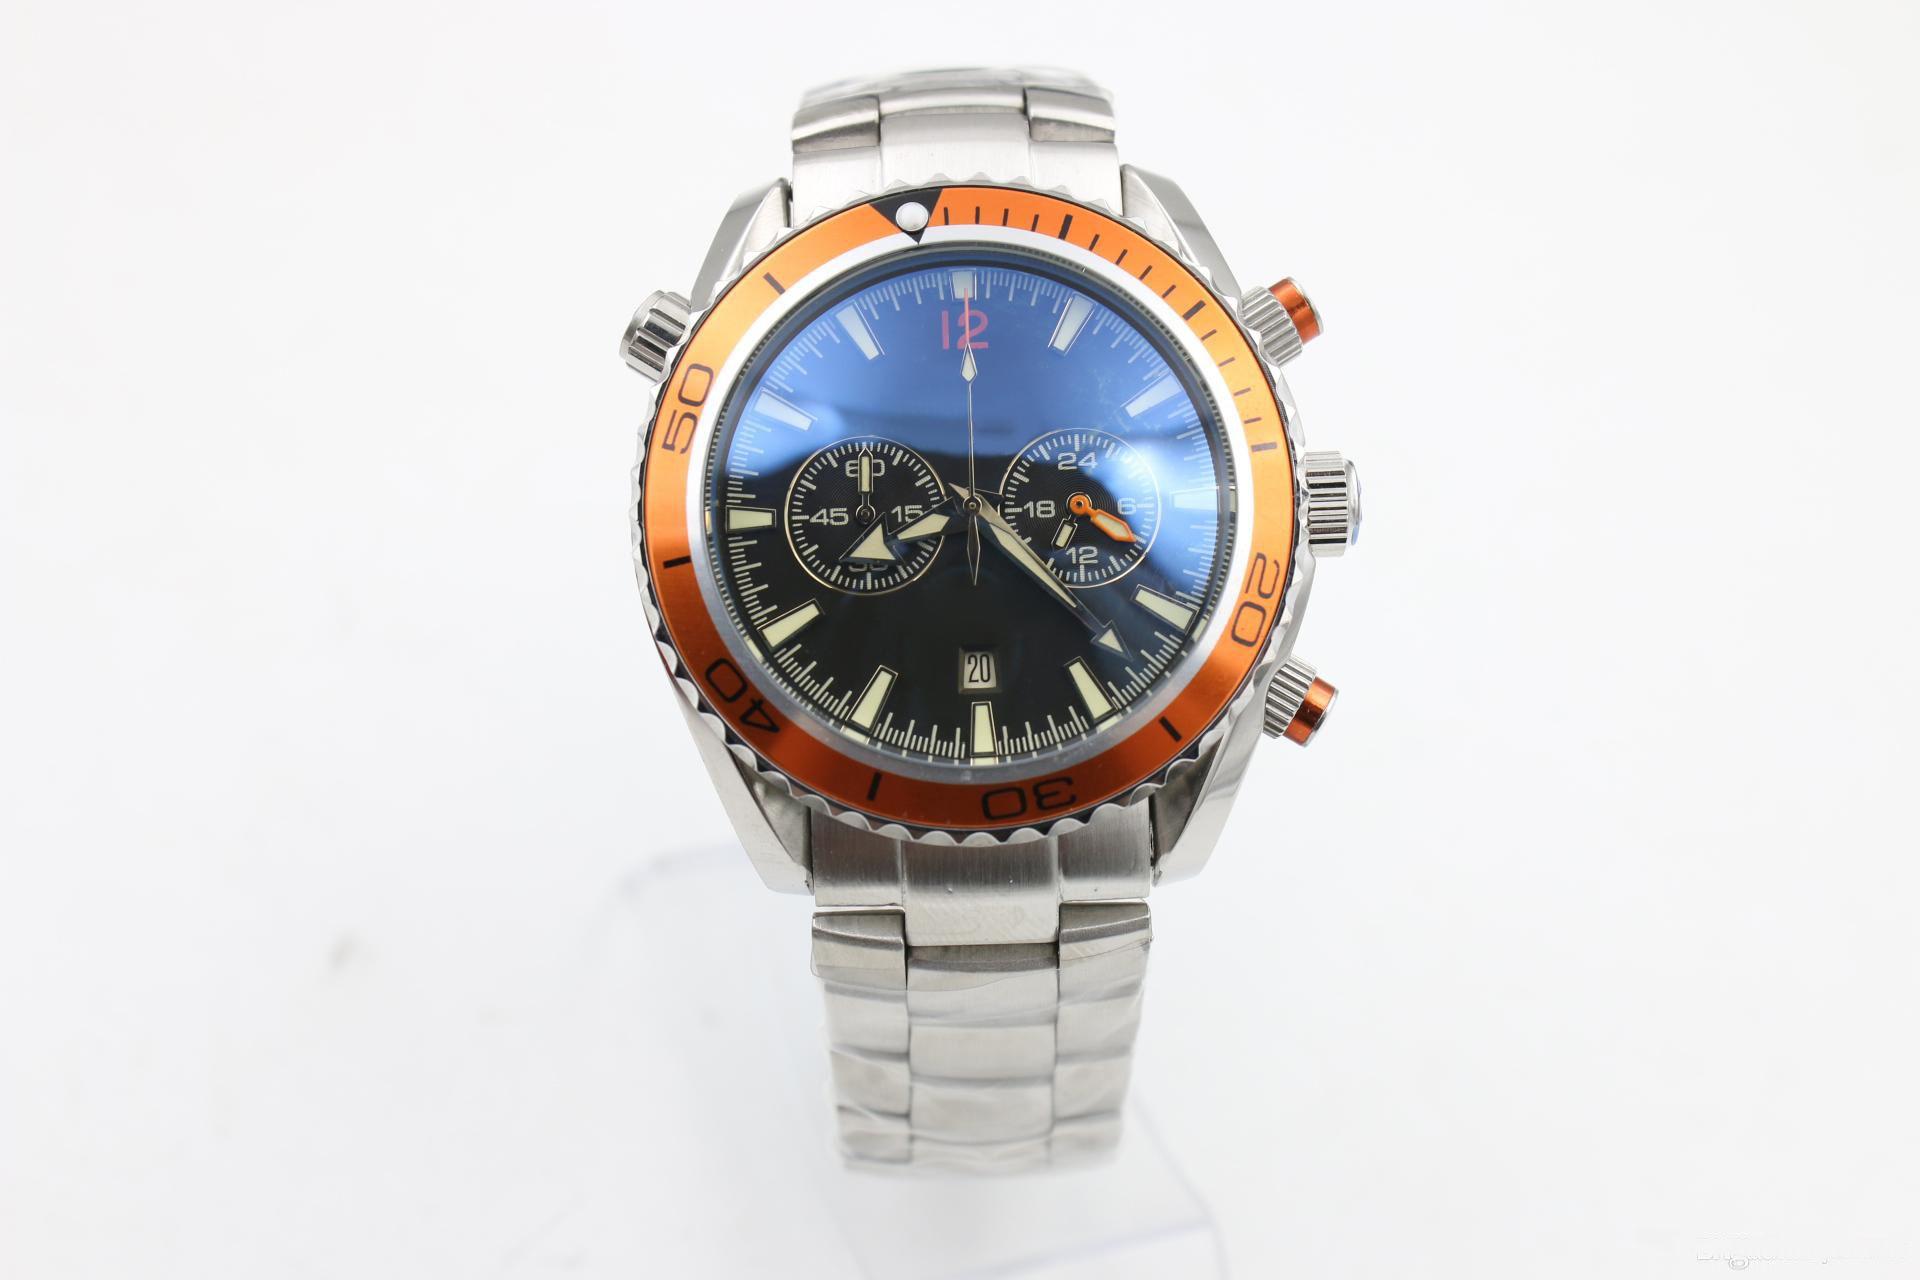 Hombres del reloj de cuarzo cronógrafo cronómetro de acero profesional de naranja bisel waches principal coaxial planeta océano Relojes de los hombres relojes de pulsera